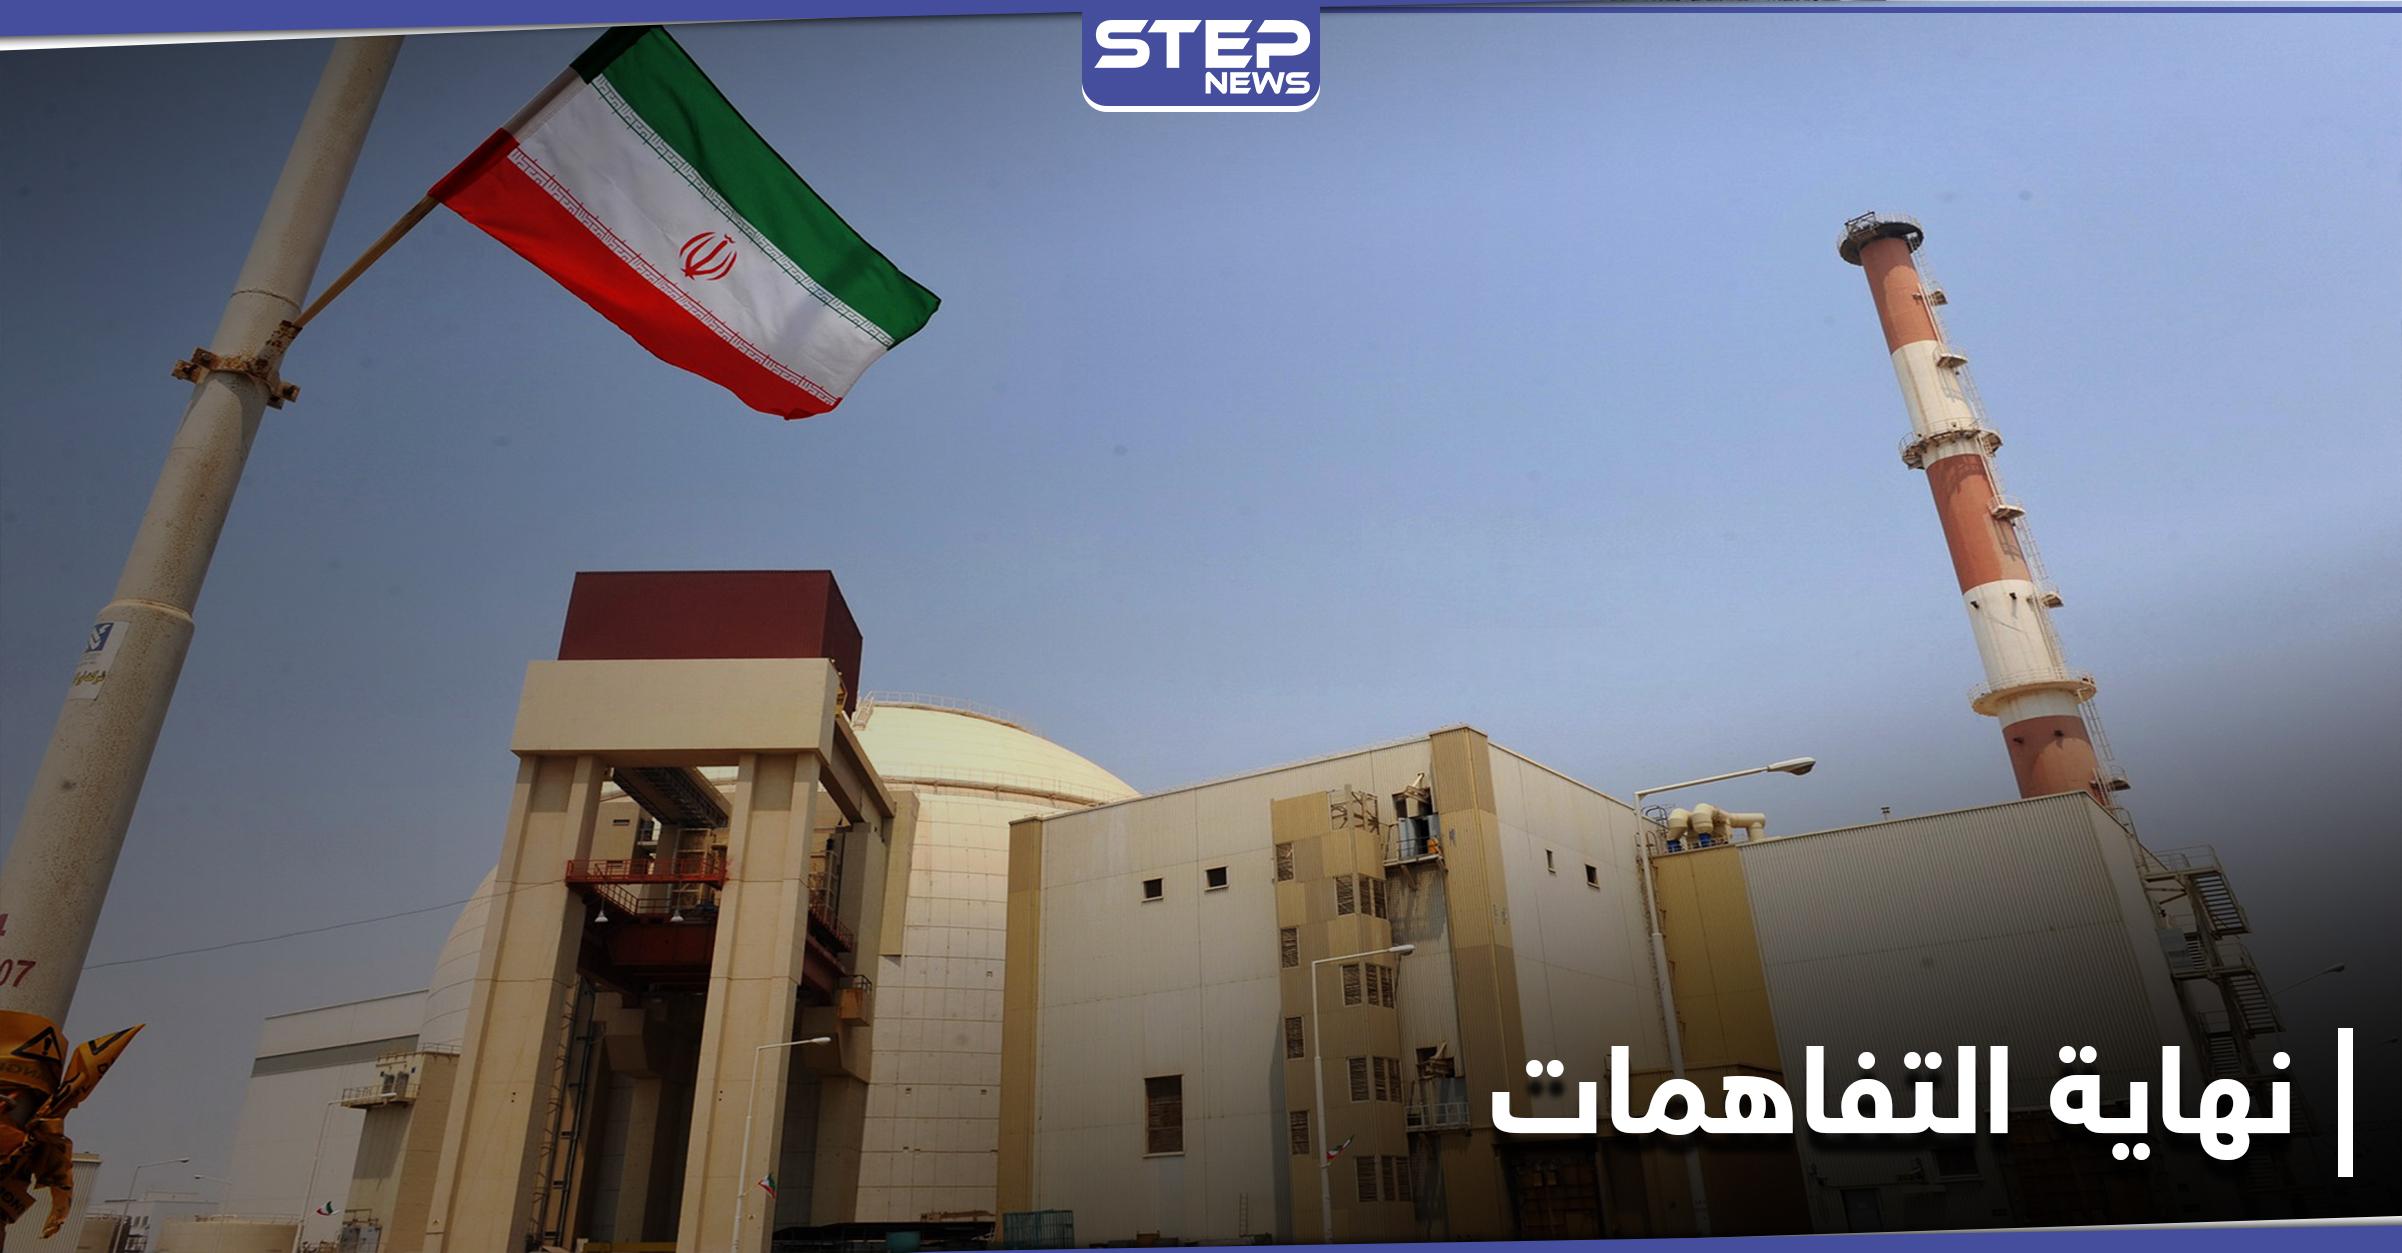 """إيران تهدد بإنهاء اتفاق حول الملف النووي بعد خطوة أمريكية """"مدمرة"""""""